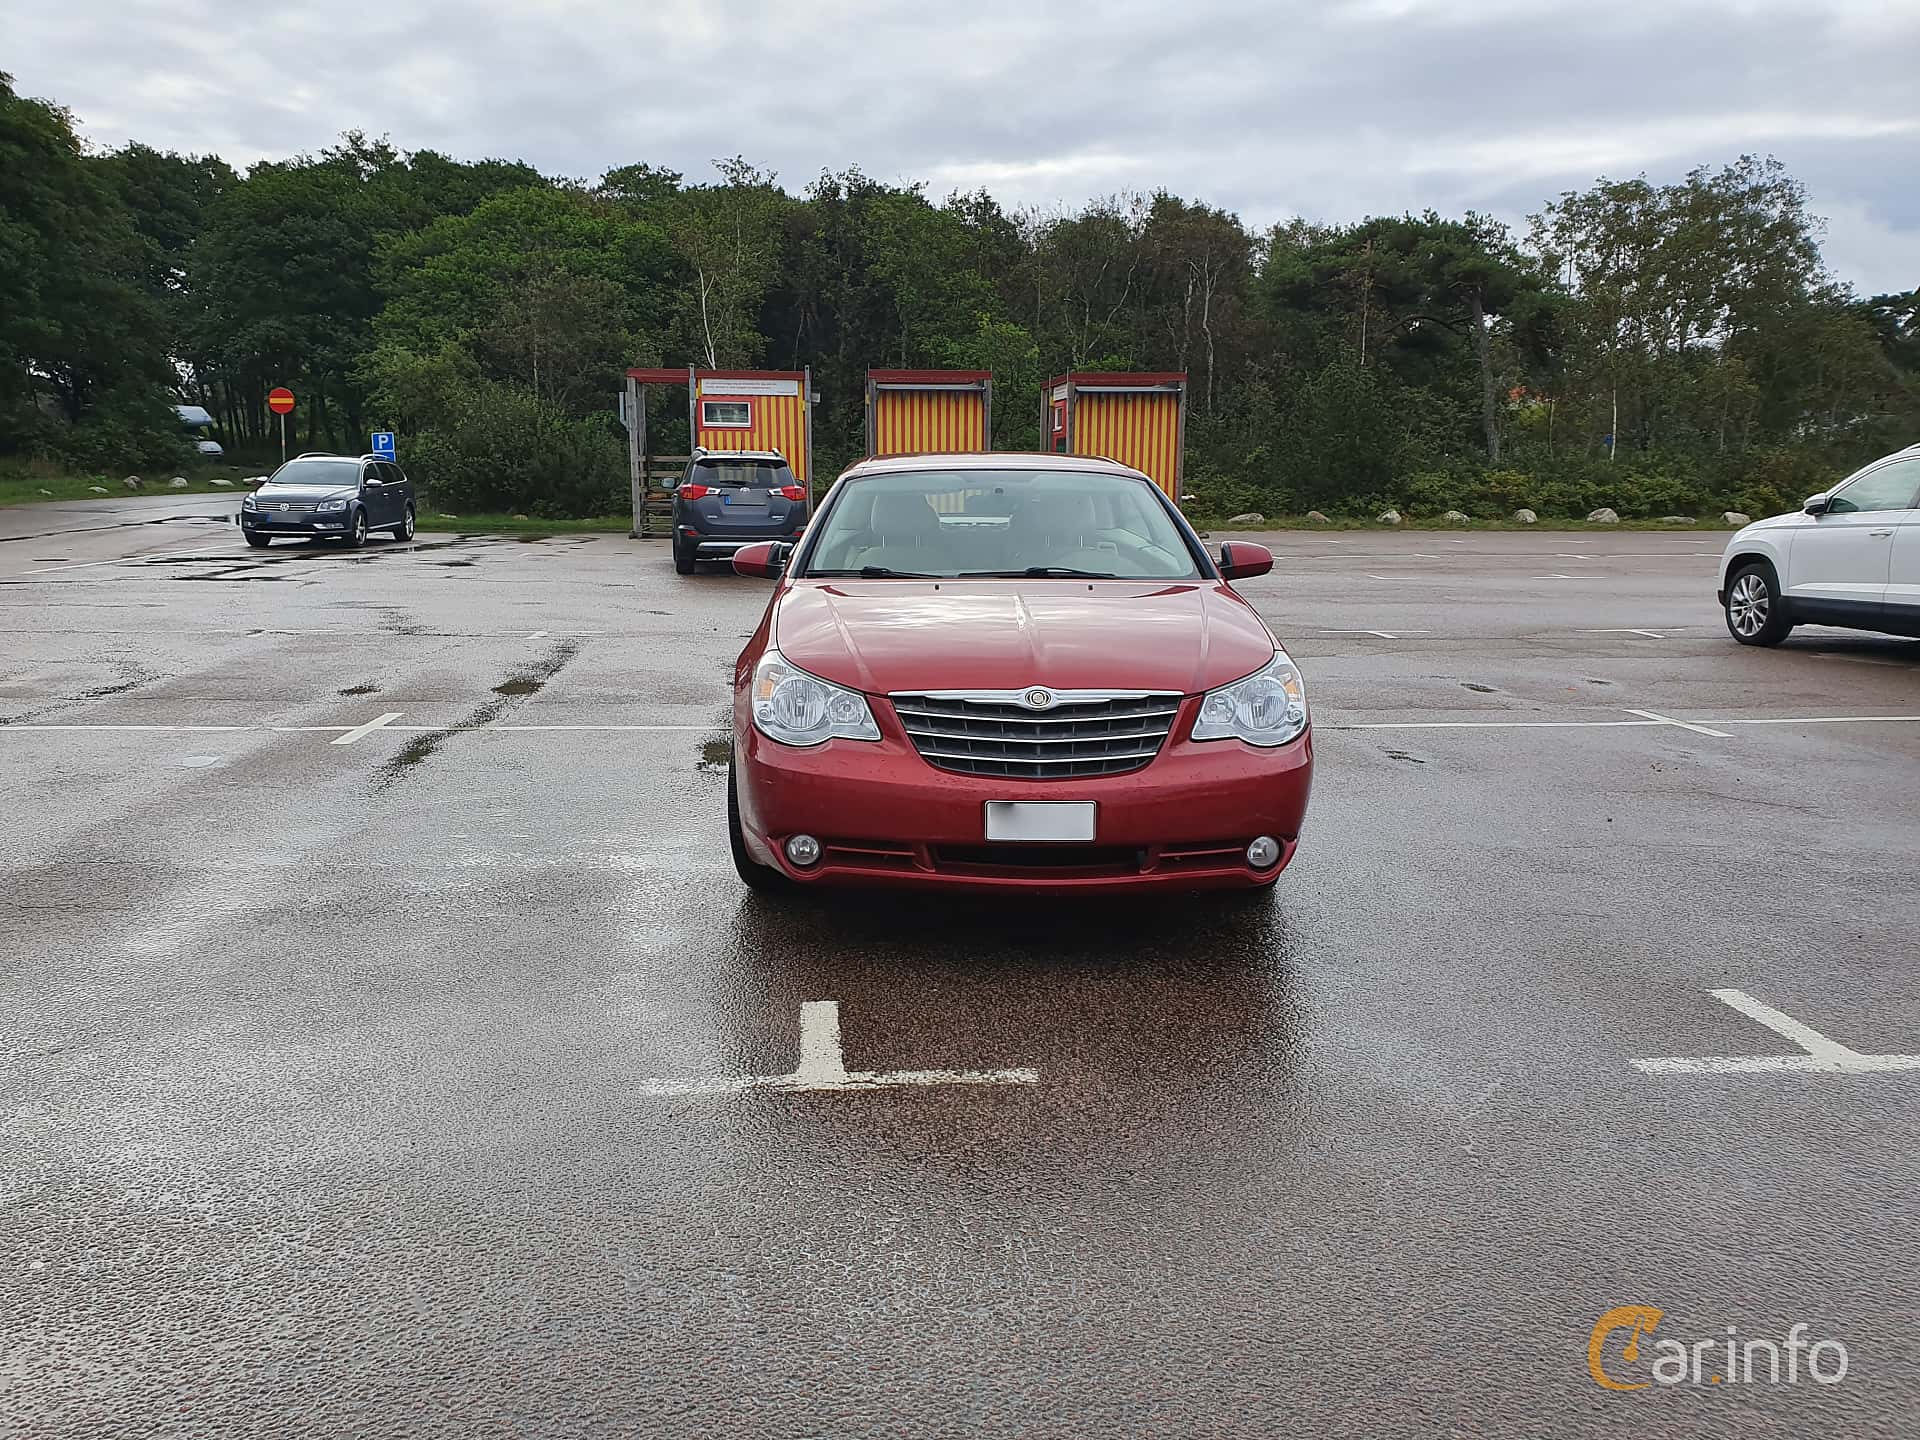 Chrysler Sebring Cabriolet 3.5 Automatisk, 238hk, 2010